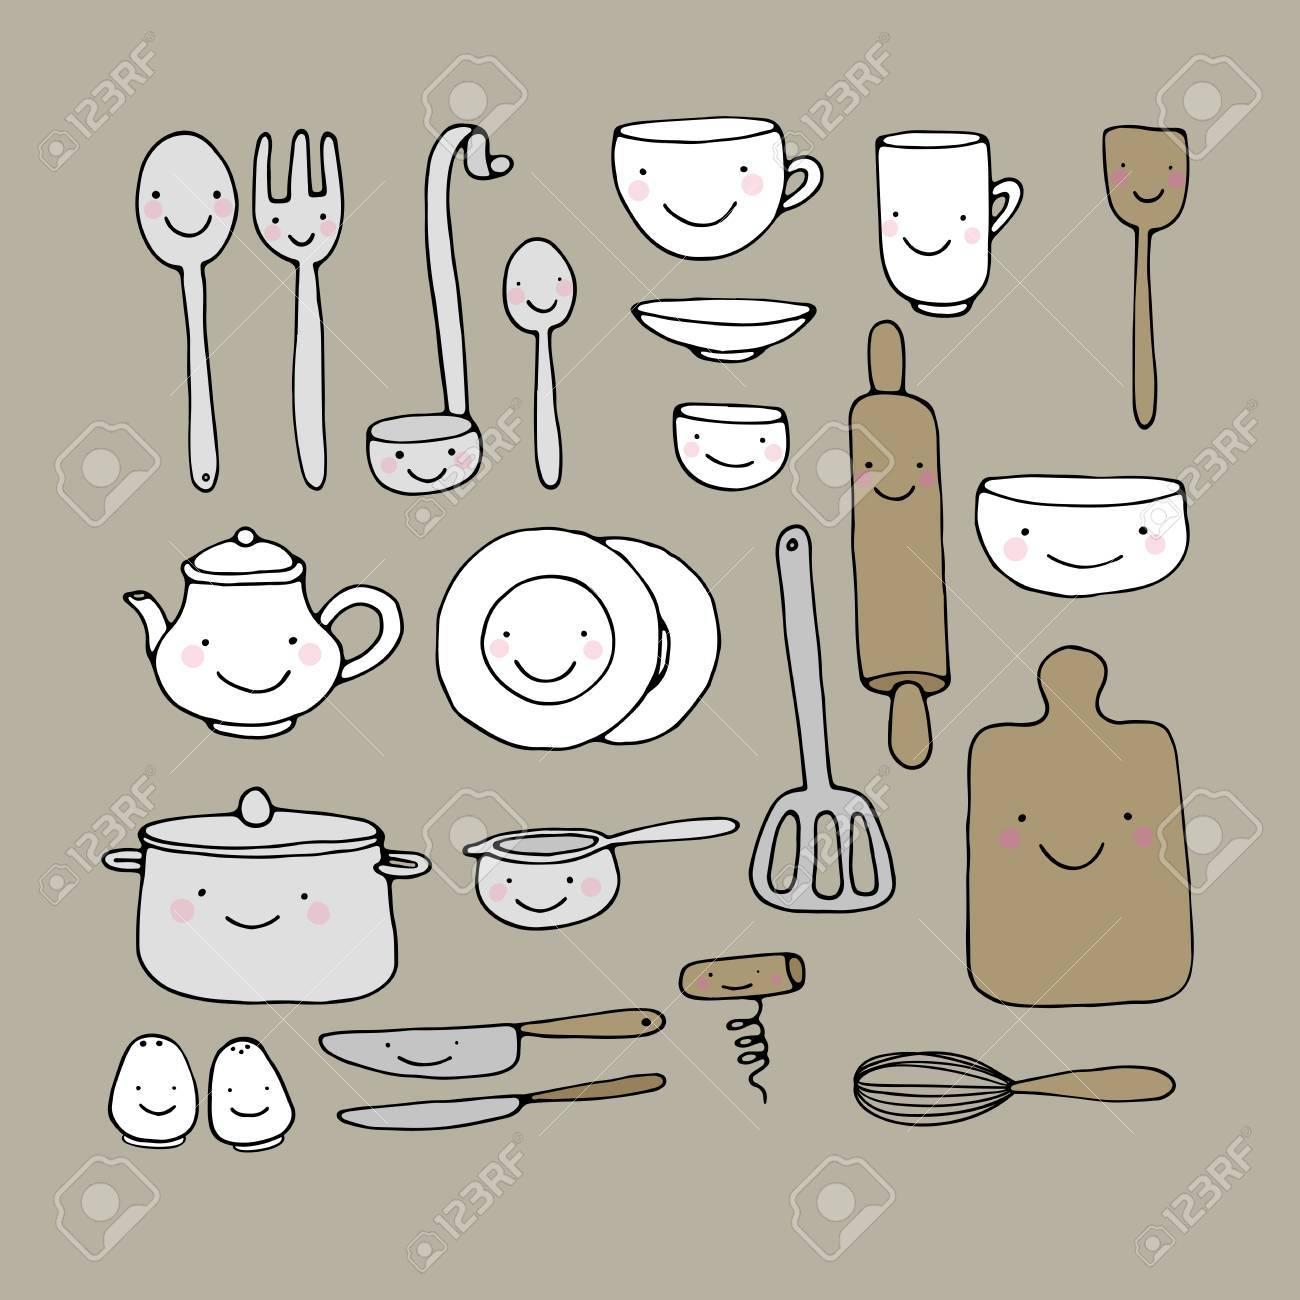 un ensemble d ustensiles de cuisine main dessiner des objets isoles sur fond blanc illustration vectorielle